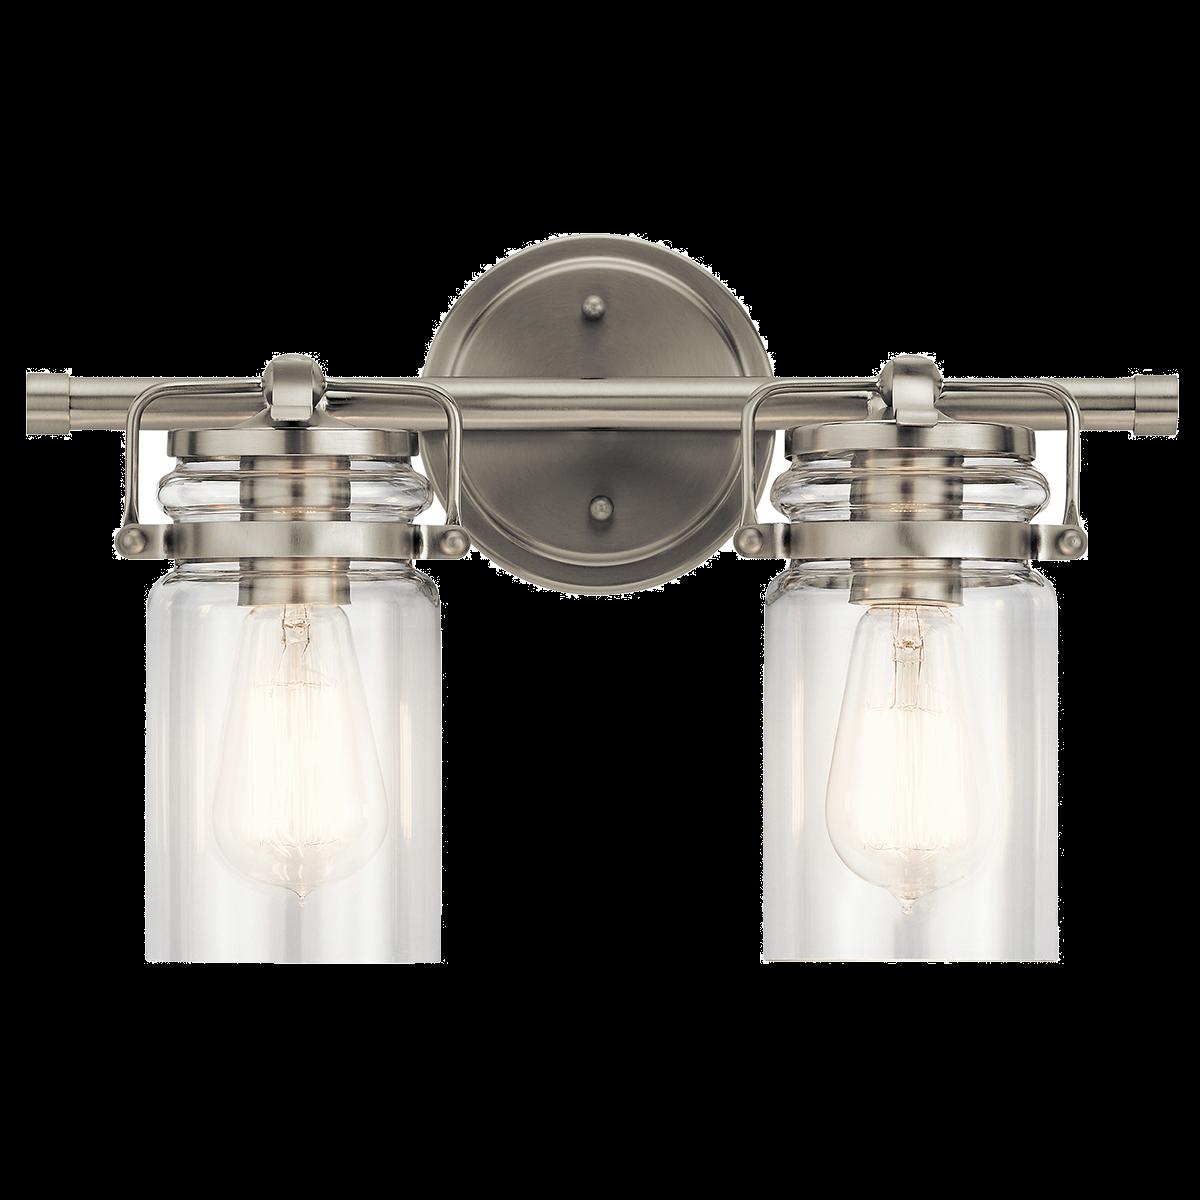 Kichler brinley 2 light bathroom vanity light in brushed nickel